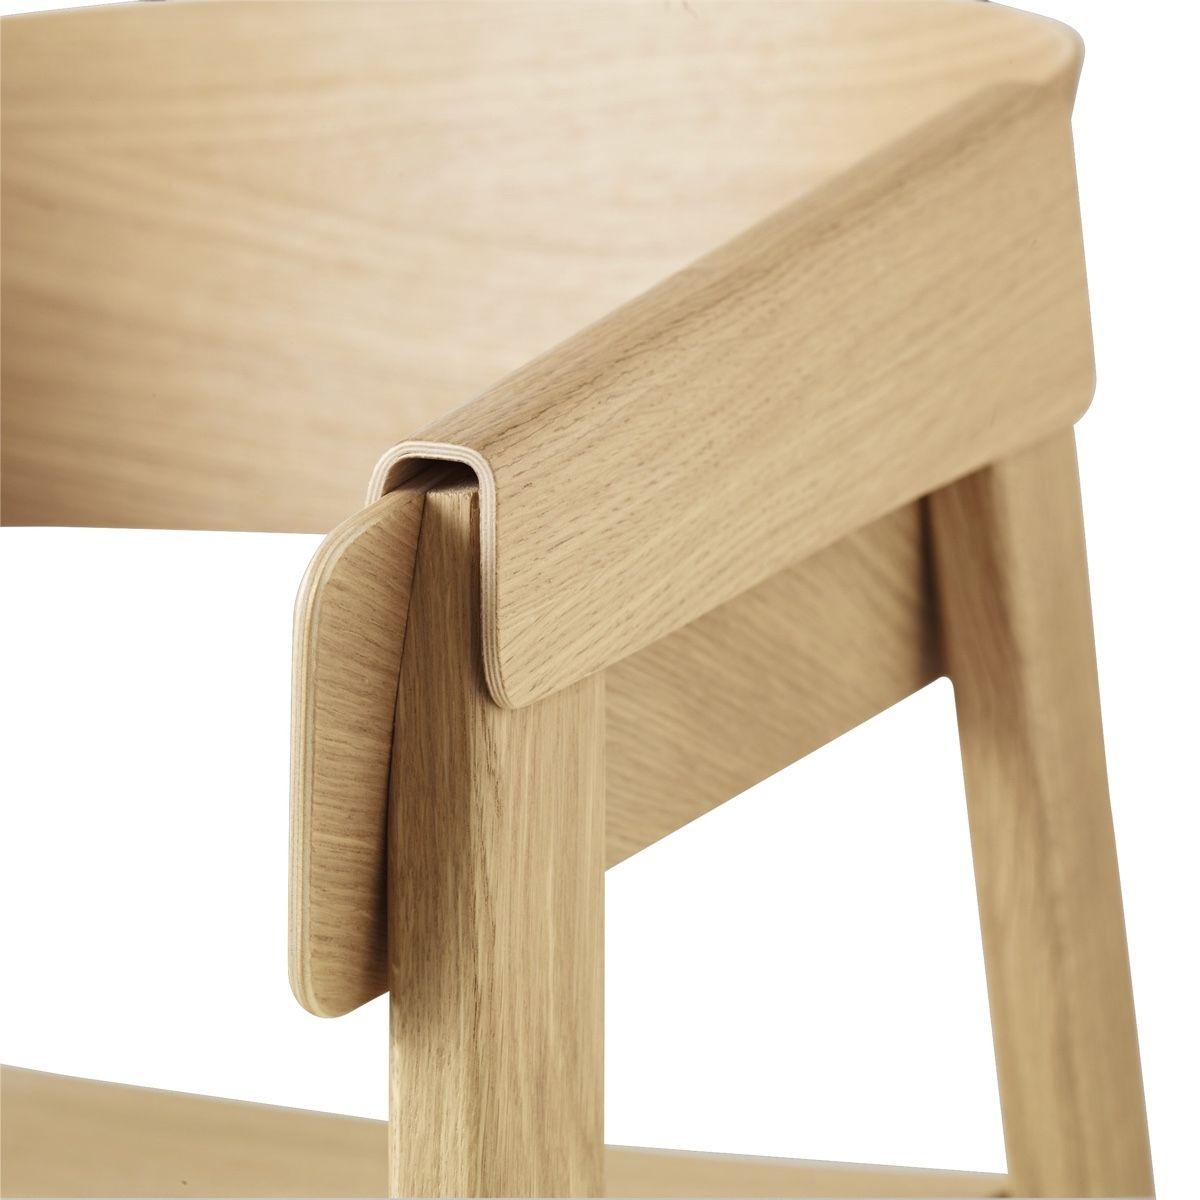 Muuto cover chair arm detail